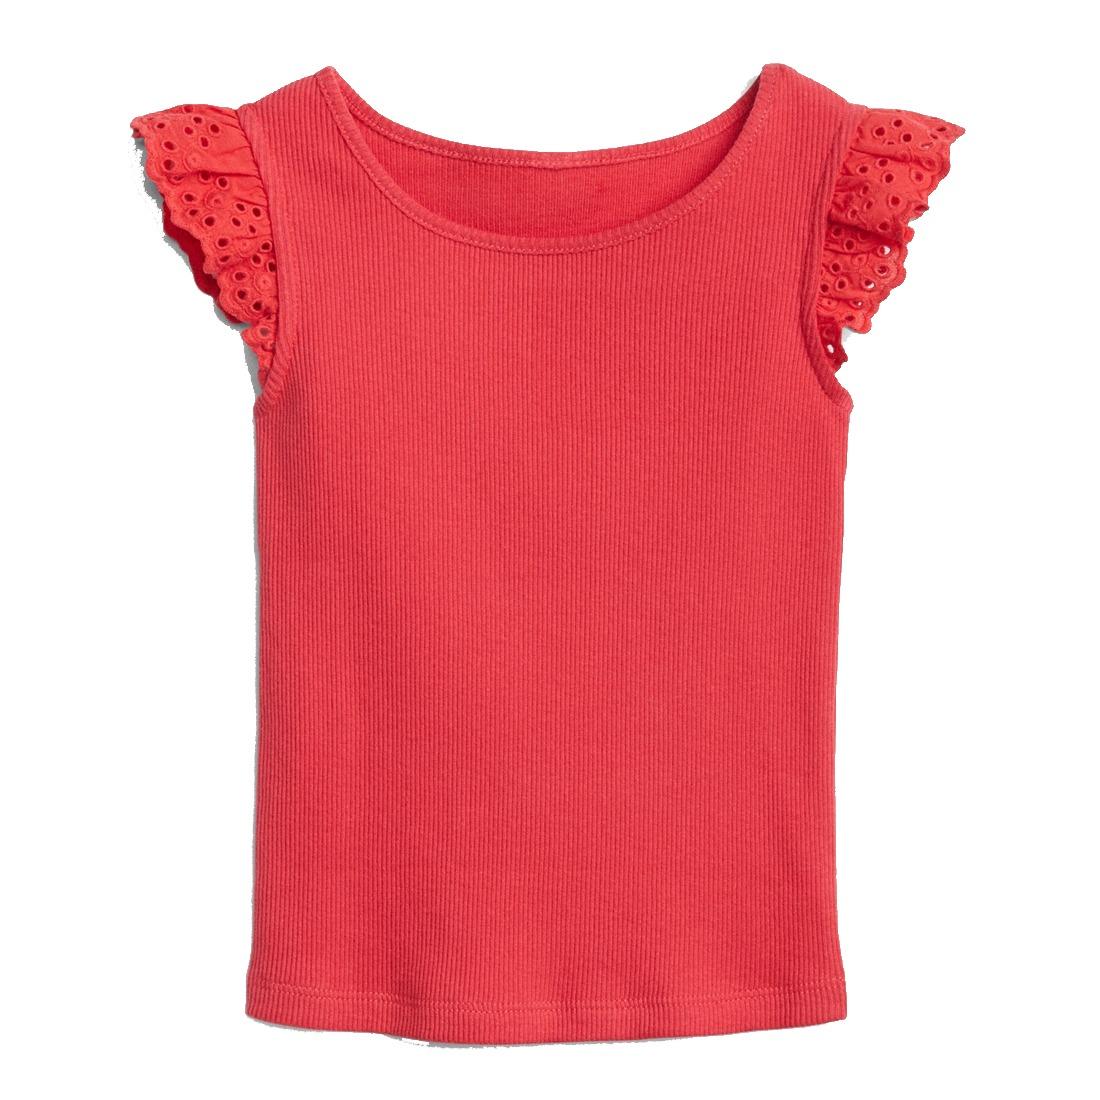 7a683afa0 blusa niña de moda bebé manga corta decorada top rojo gap. Cargando zoom.